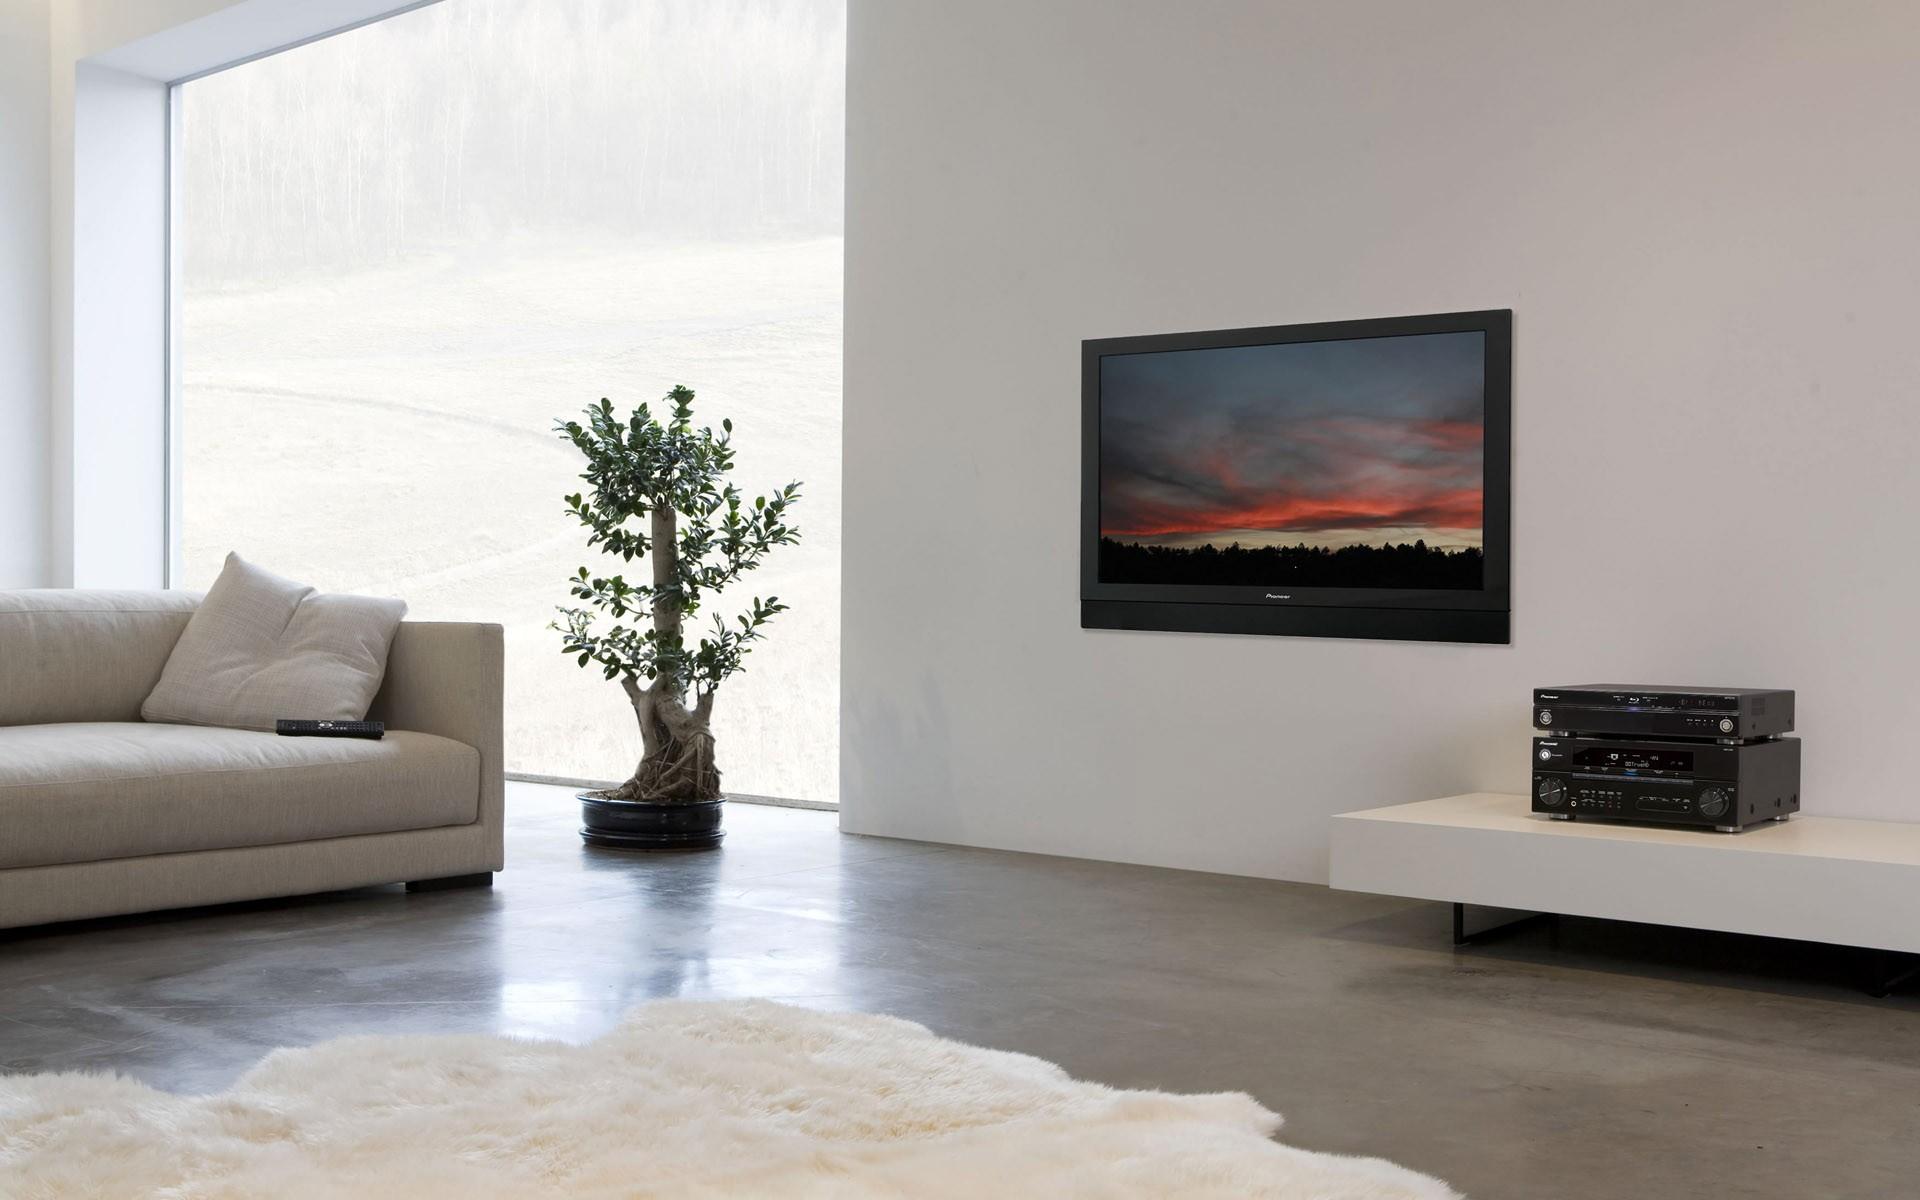 Как самостоятельно заменить матрицу на телевизоре